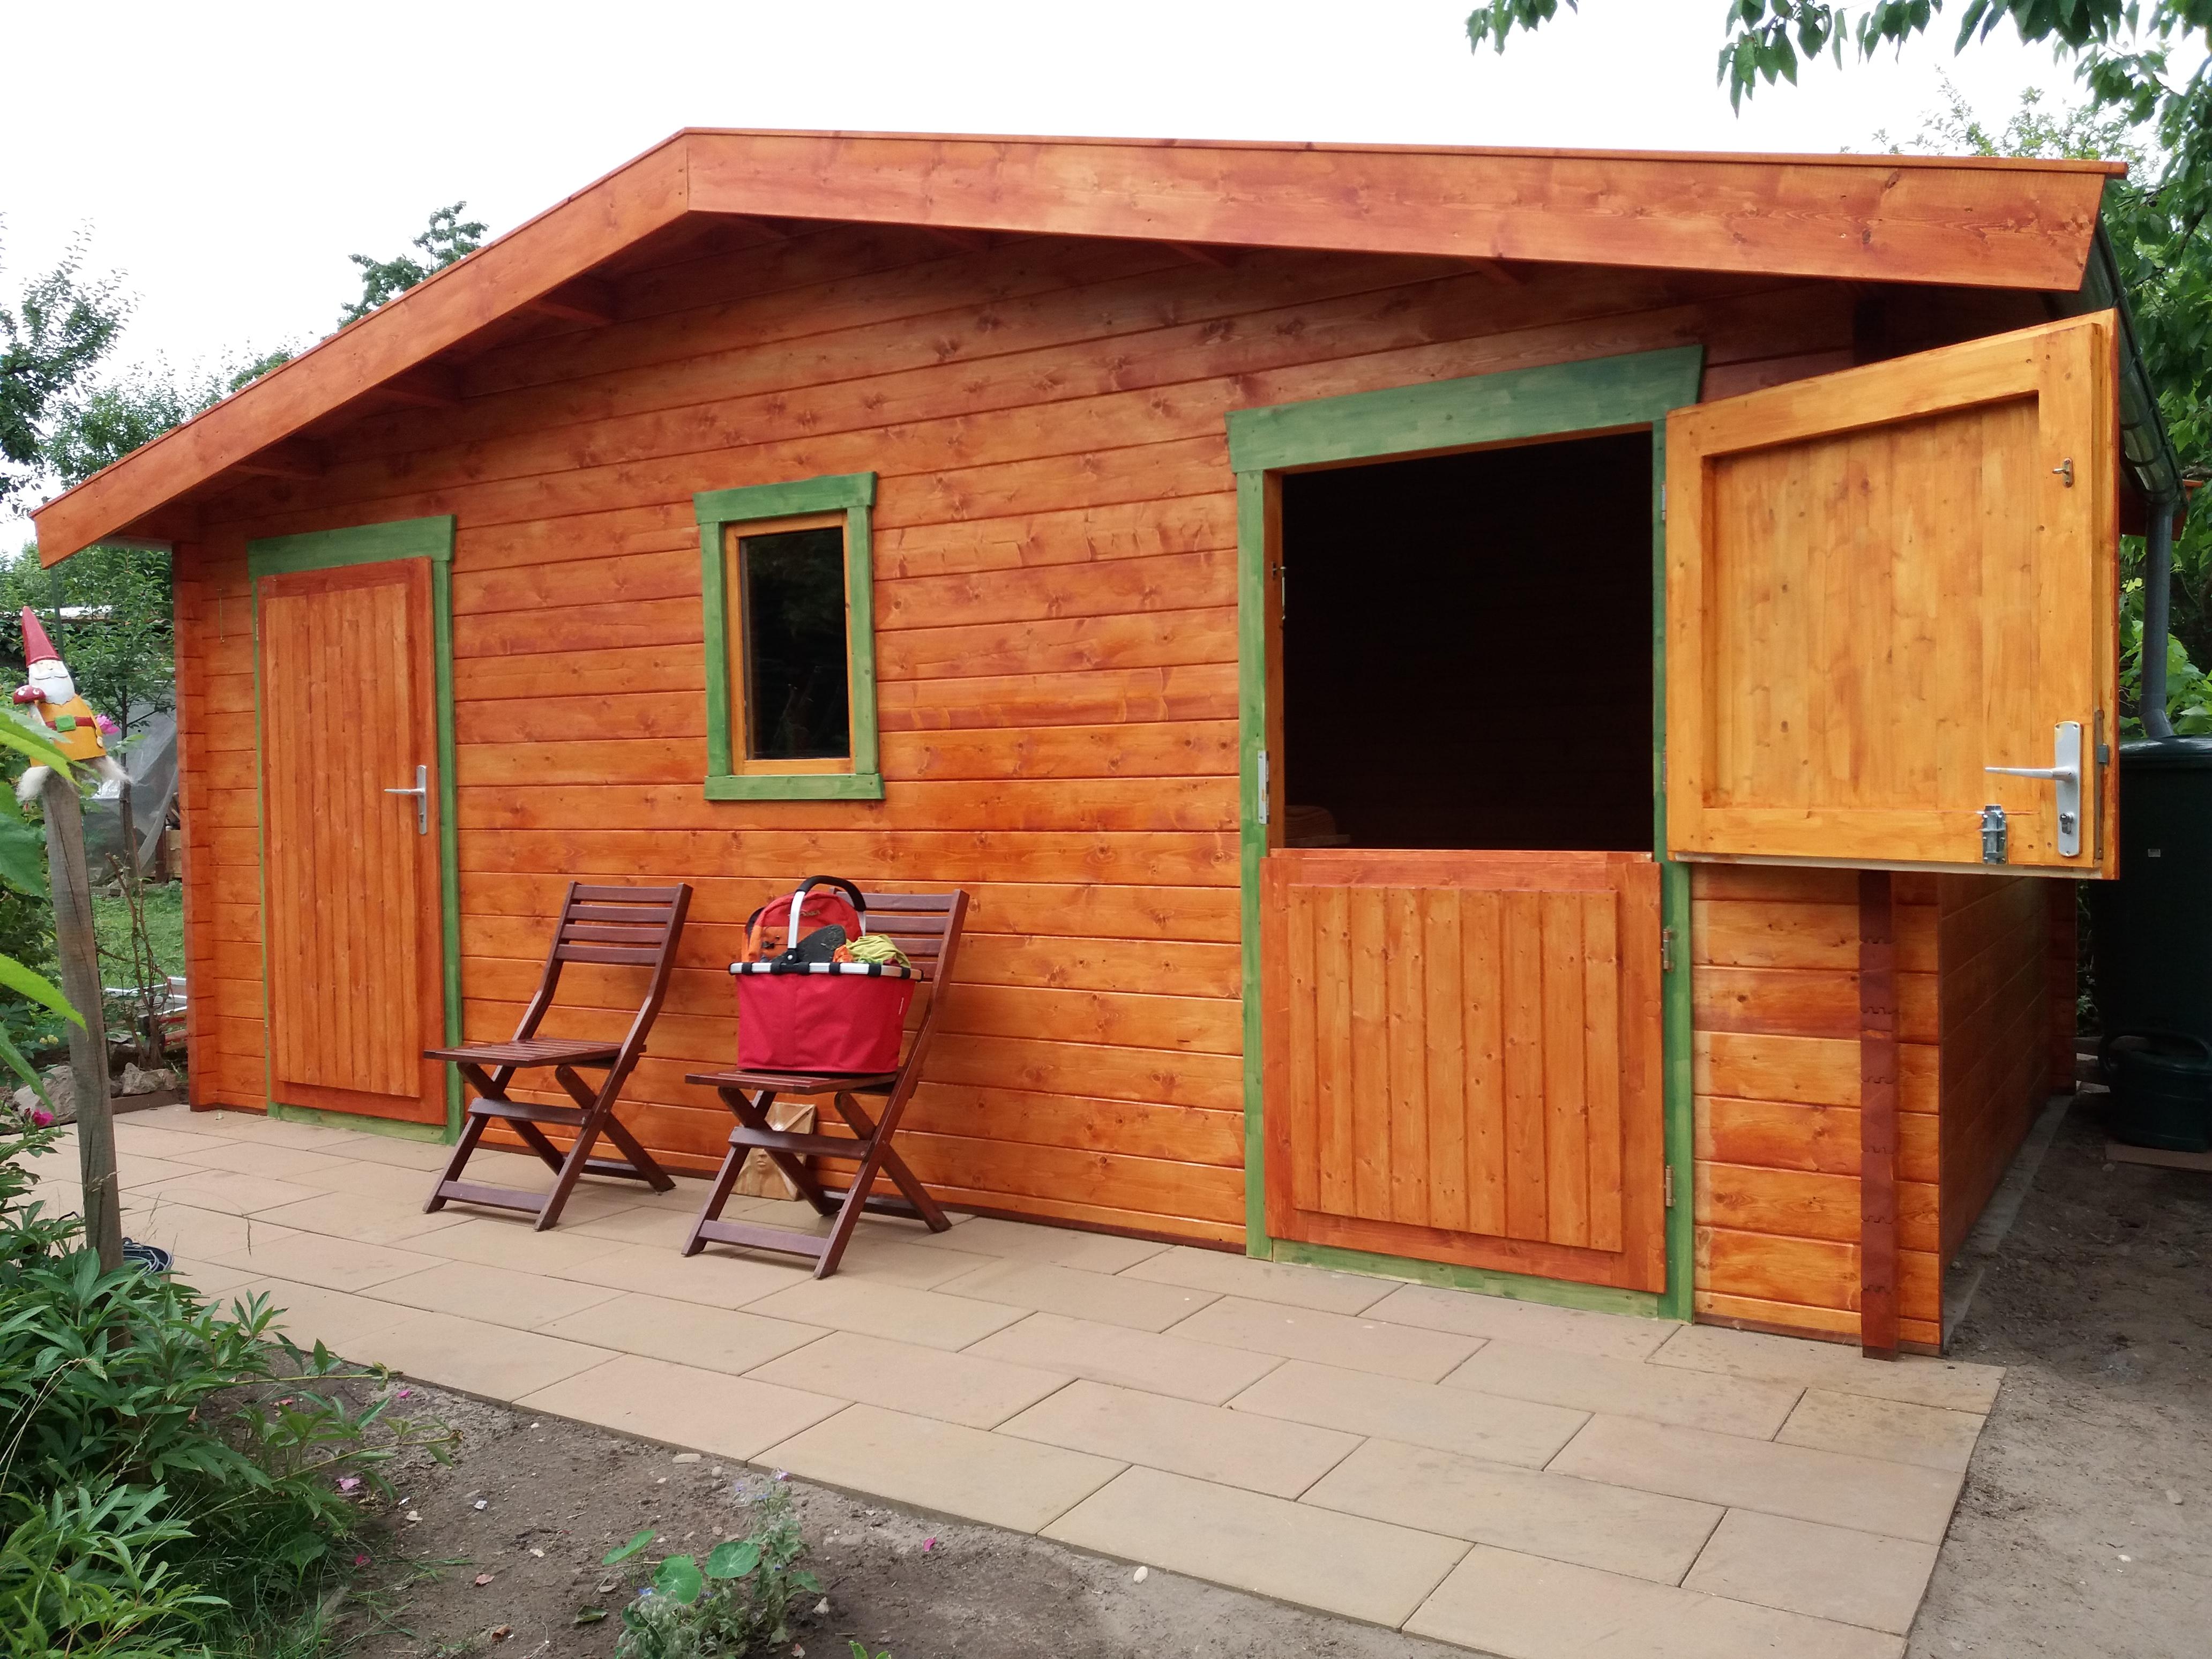 Gartenhaus Mit Sommerküche : Gartenhäuser individuell mit holz gestalten bernholt gmbh co kg